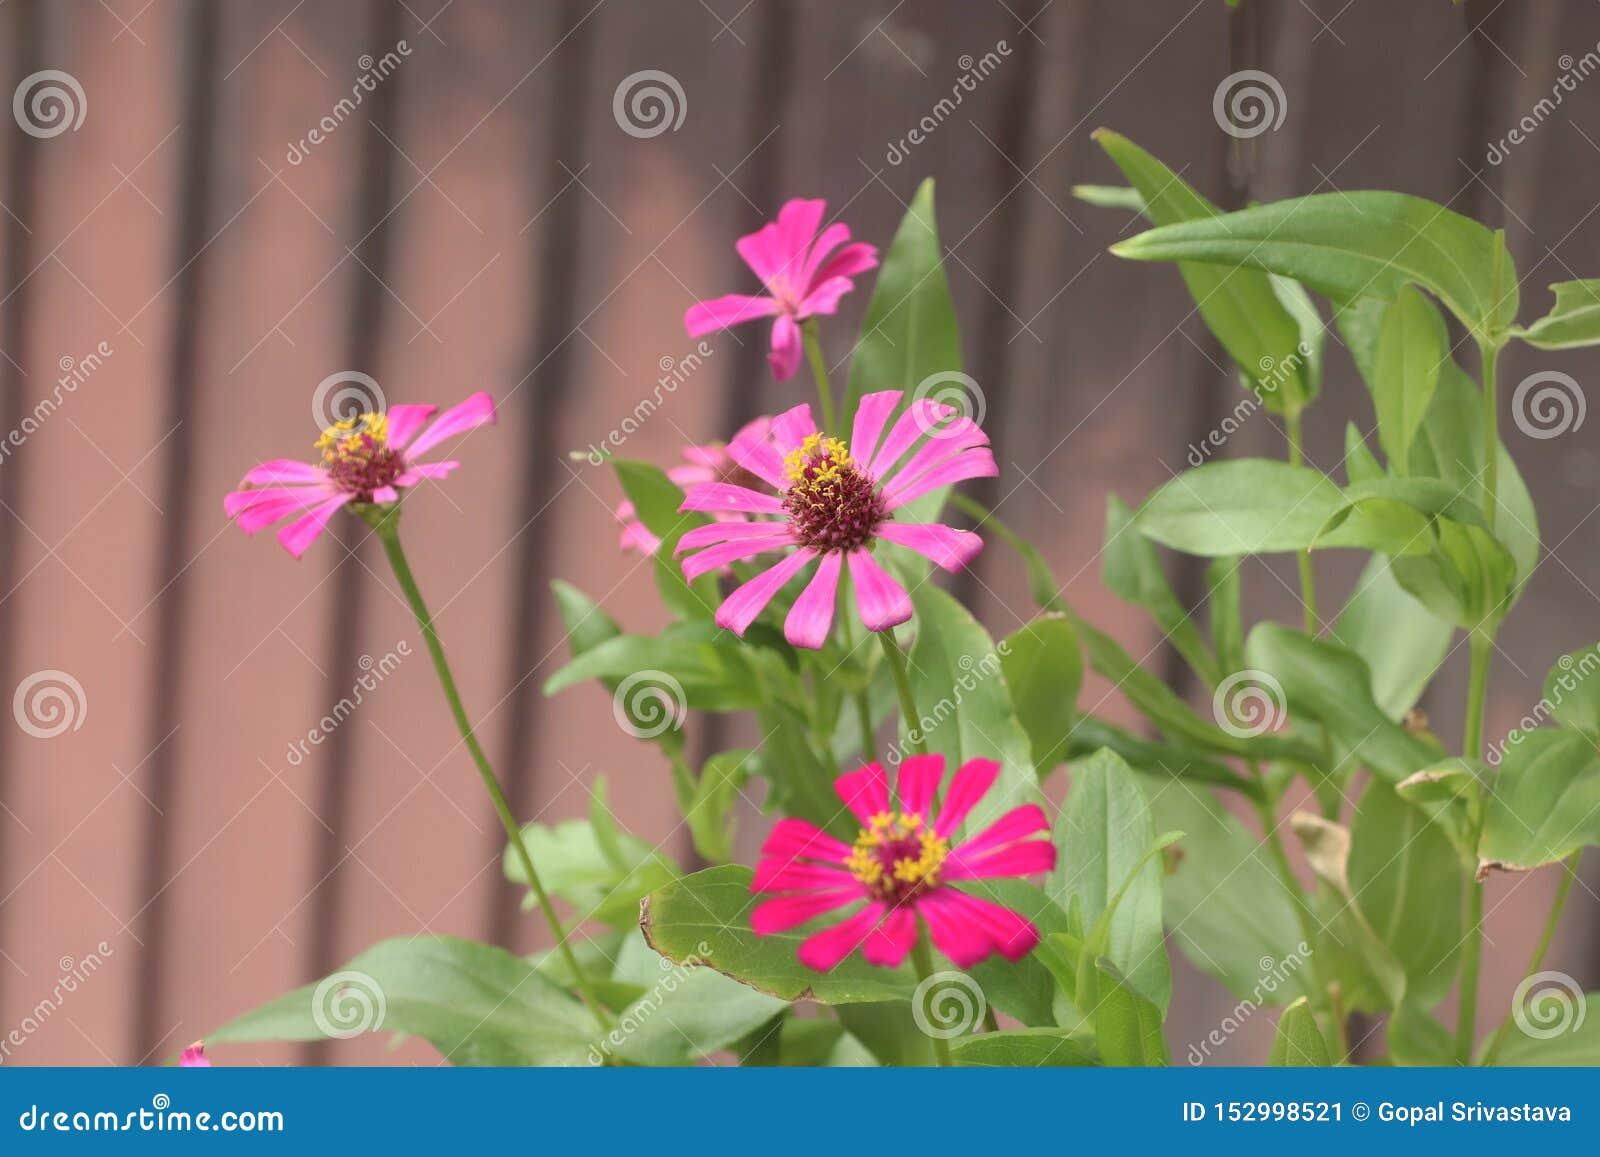 Ζωηρόχρωμο ρόδινο και κόκκινο λουλούδι